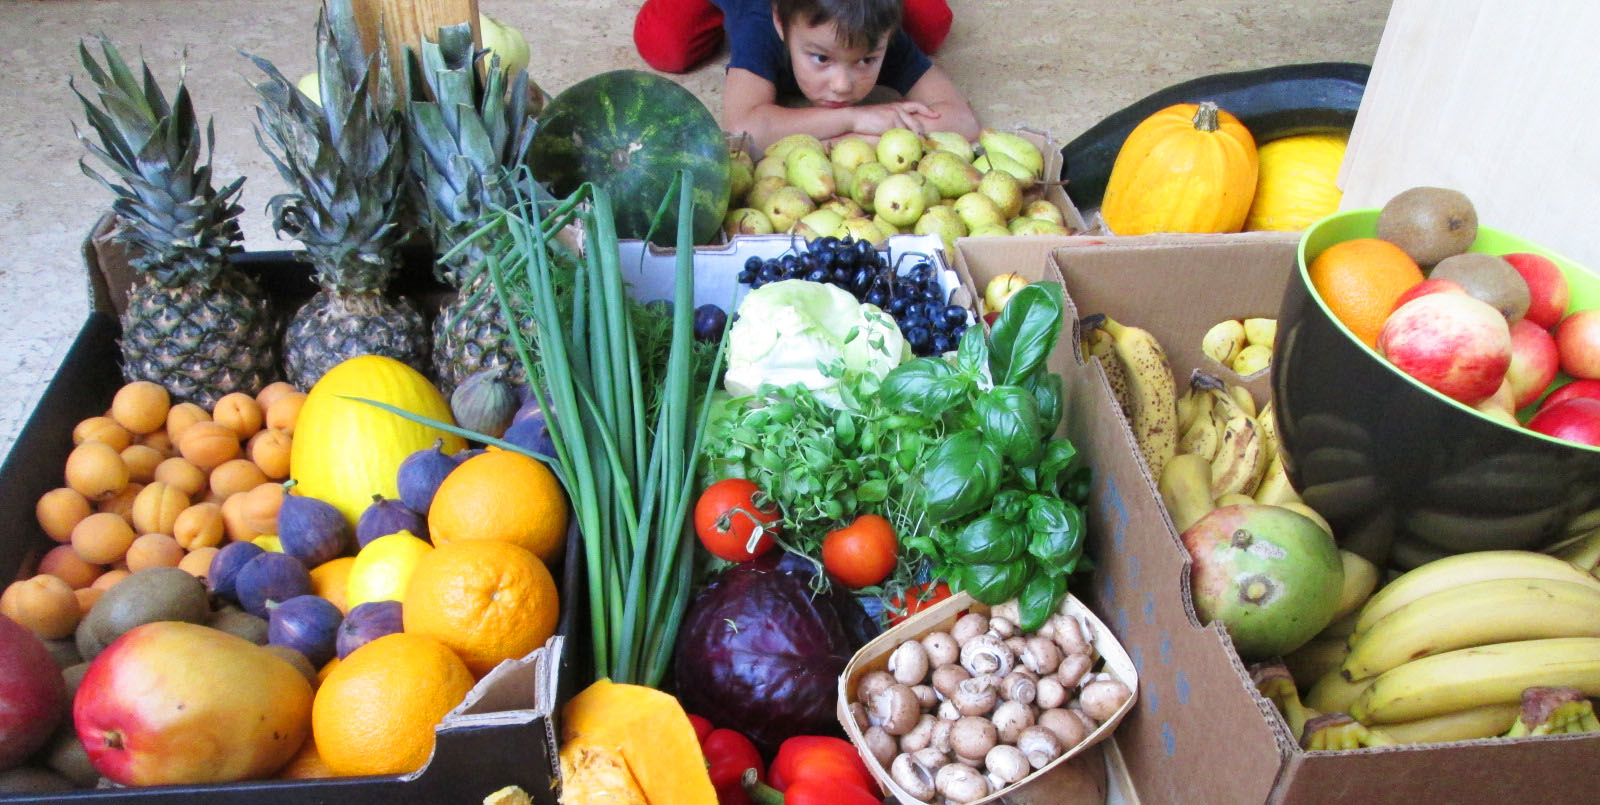 9f111dec2fb Solaris Keskuses toimub parasjagu taimetoidule pühendatud kuu, kus kõik  keskuse toidukohad on loonud spetsiaalsed tervislikud taimetoidumenüüd.